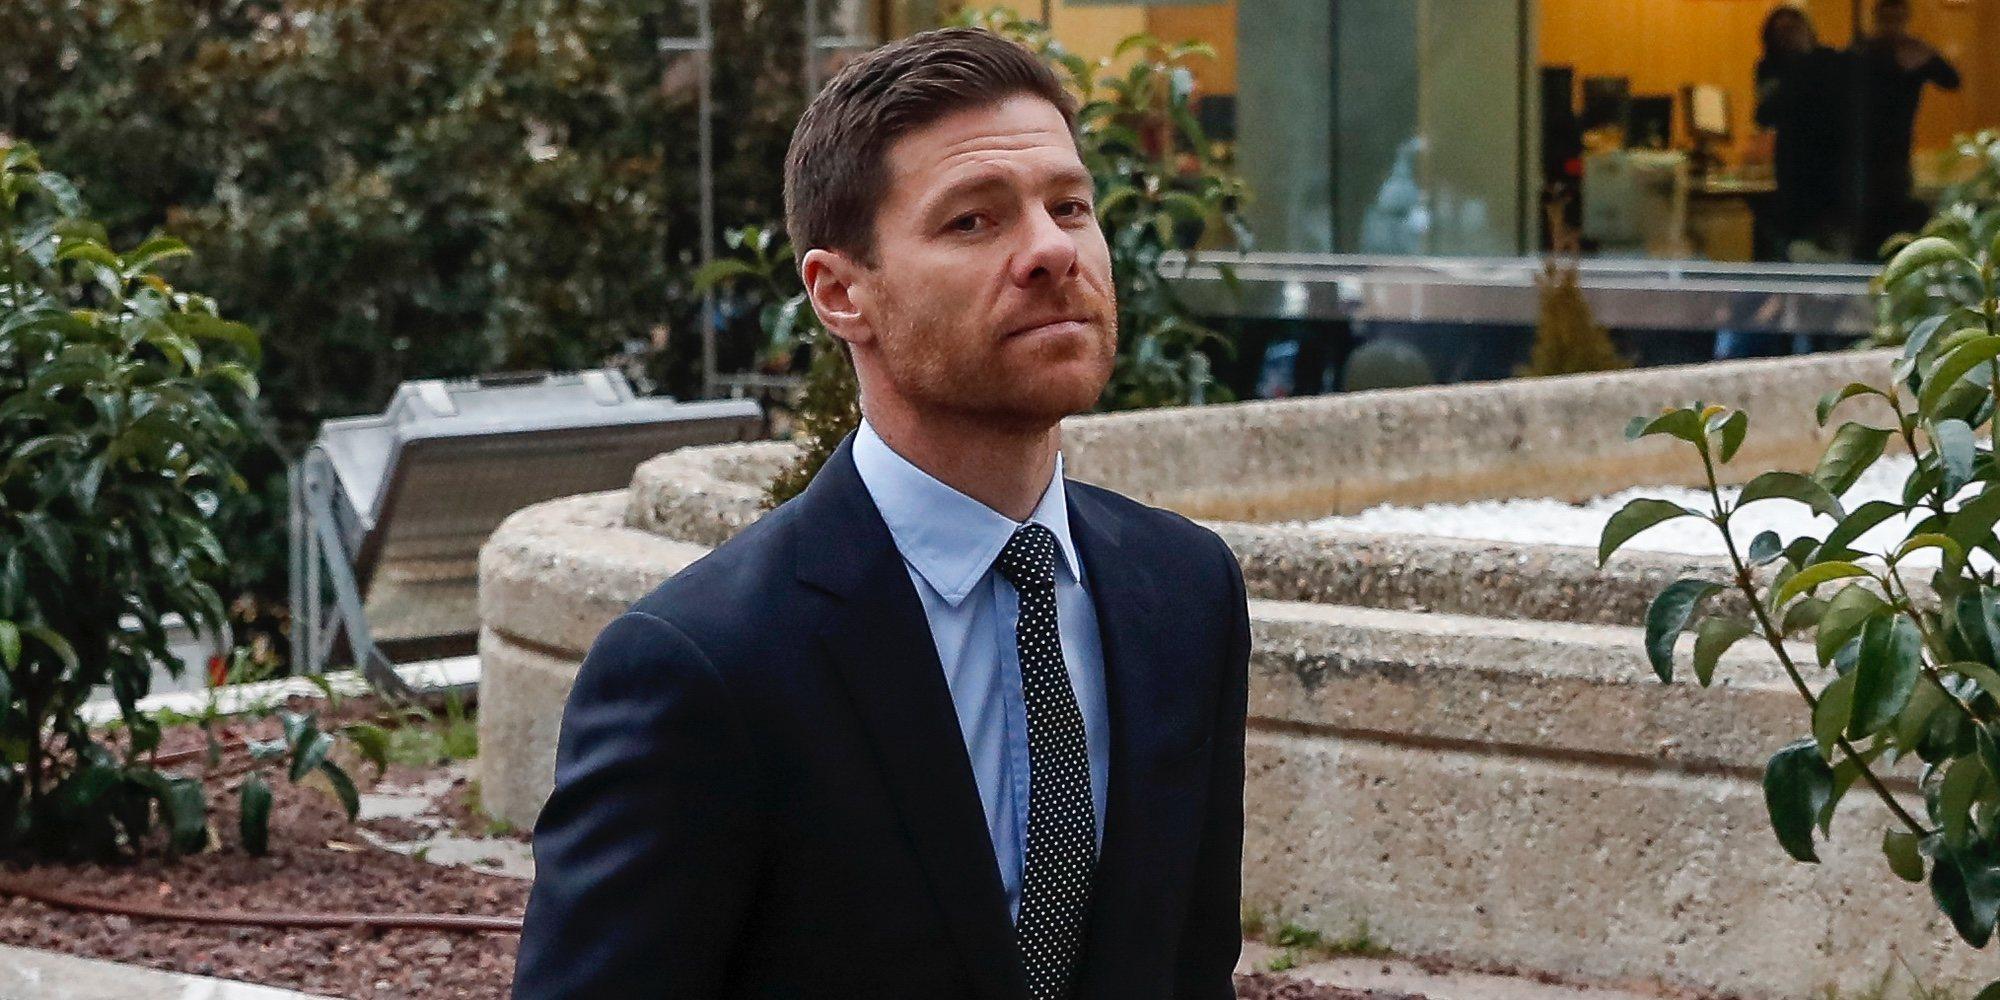 Suspendido el juicio de Xabi Alonso, acusado de defraudar 2 millones de euros a Hacienda